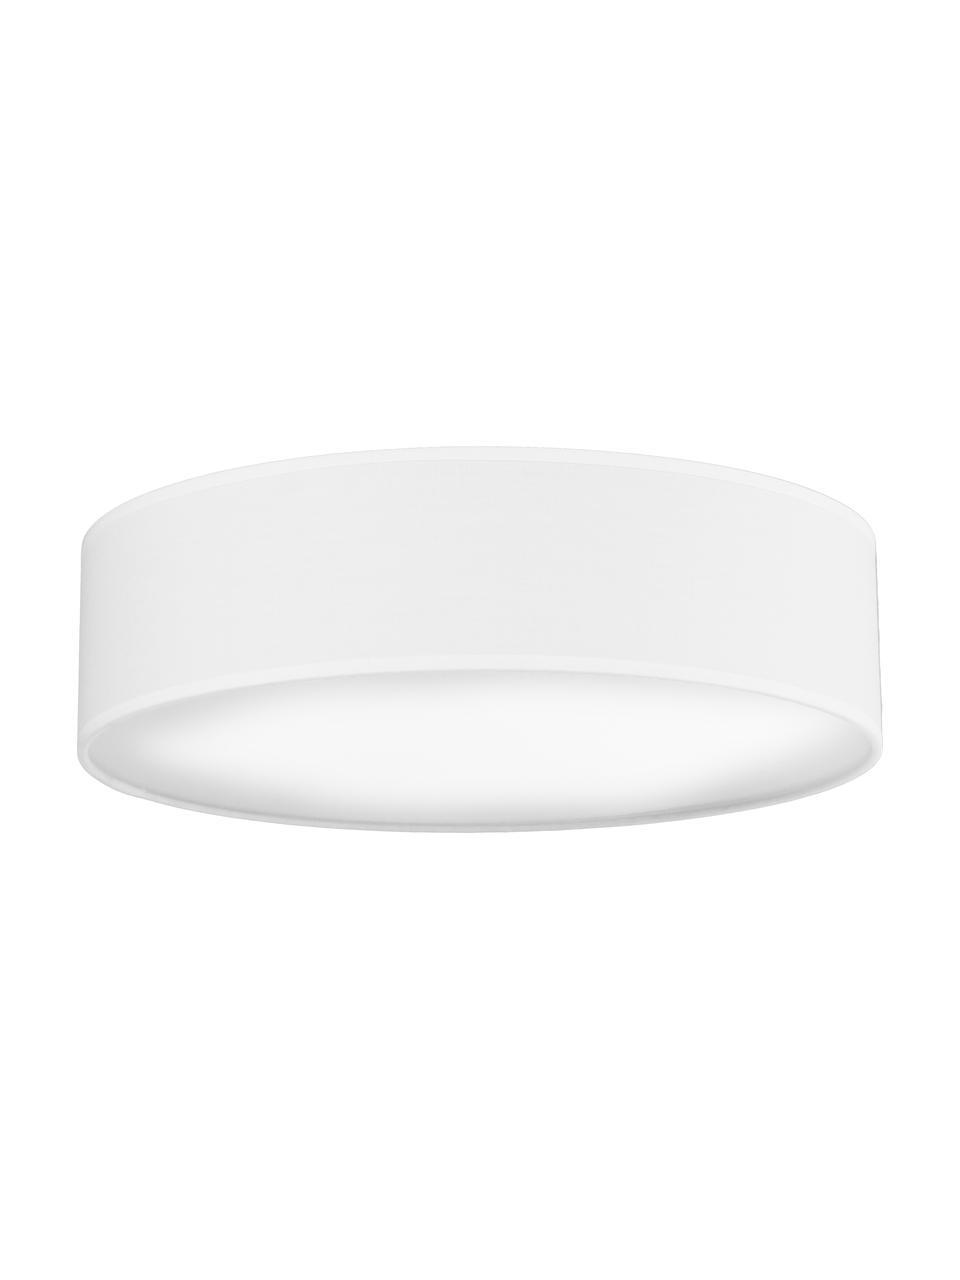 Handgefertigte Deckenleuchte Mika, Lampenschirm: Baumwolle, Diffusorscheibe: Kunststoff, Weiß, Ø 40 x H 10 cm